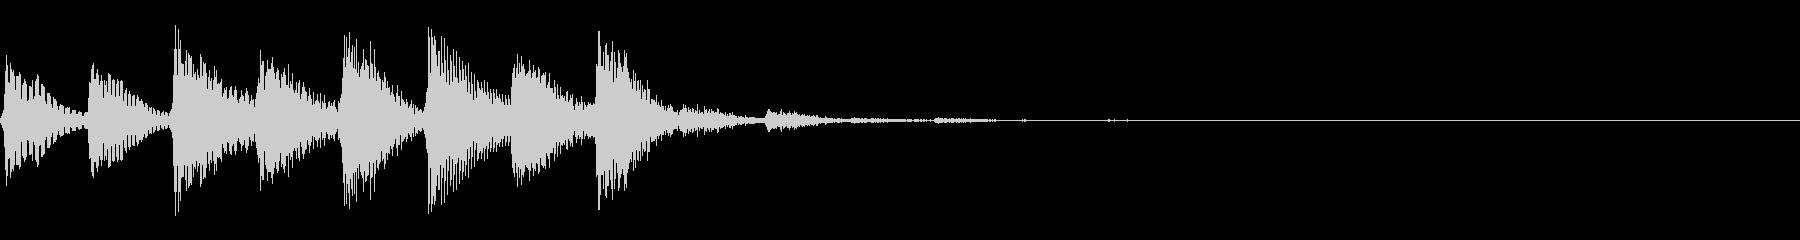 パラララ(ファミコン/テクノ/幻想的#3の未再生の波形